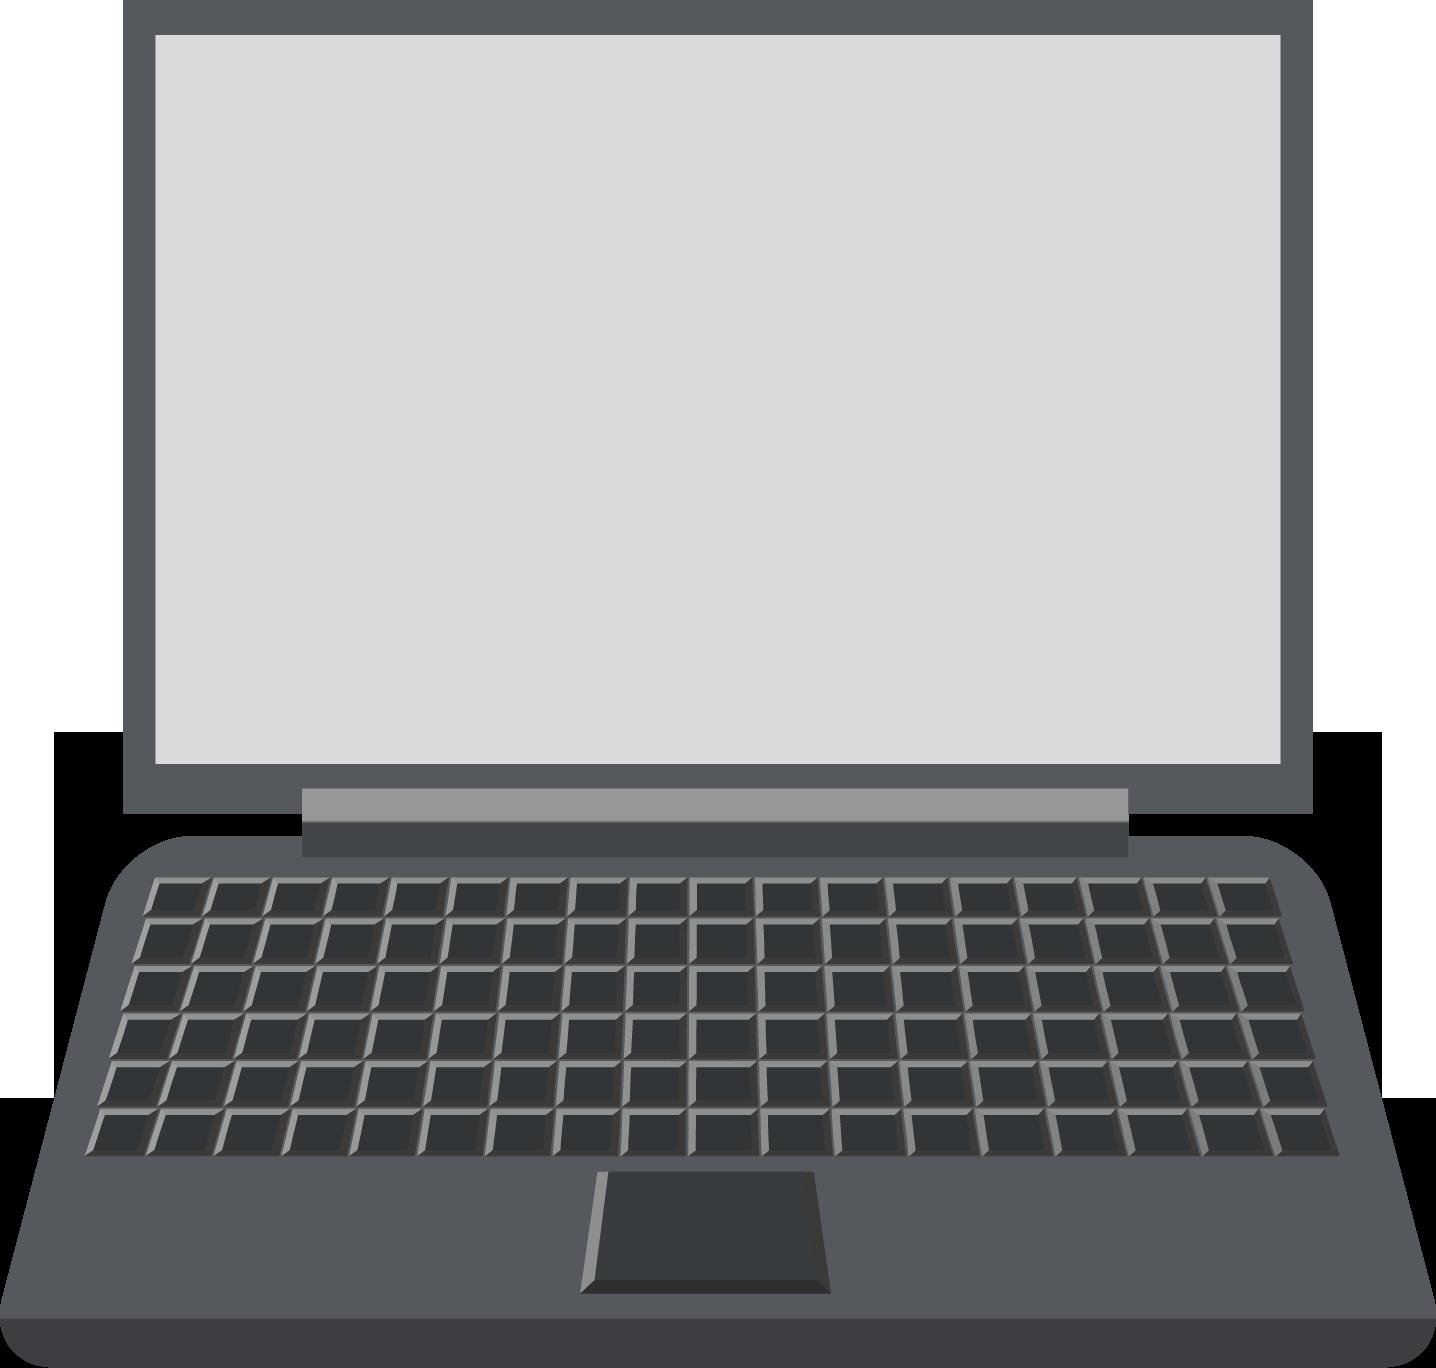 pc、パソコンのイラスト・フリー素材|ダウンロード08【素材っち】